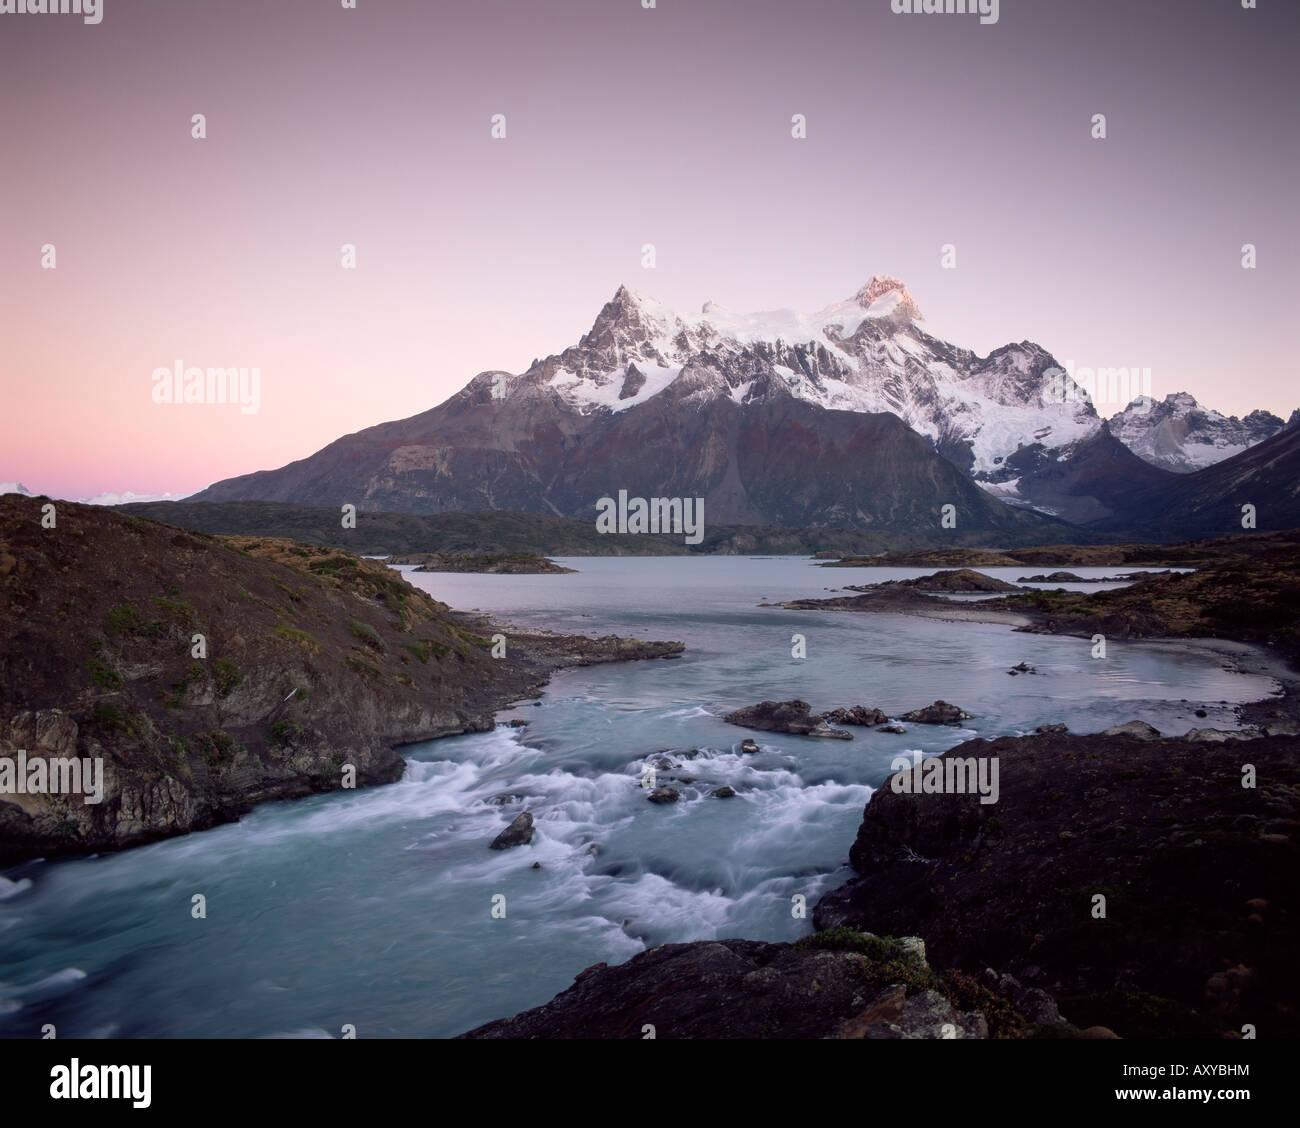 Cuernos del Paine salendo al di sopra di Salto Grande, Parco Nazionale Torres del Paine, Patagonia, Cile, Sud America Immagini Stock